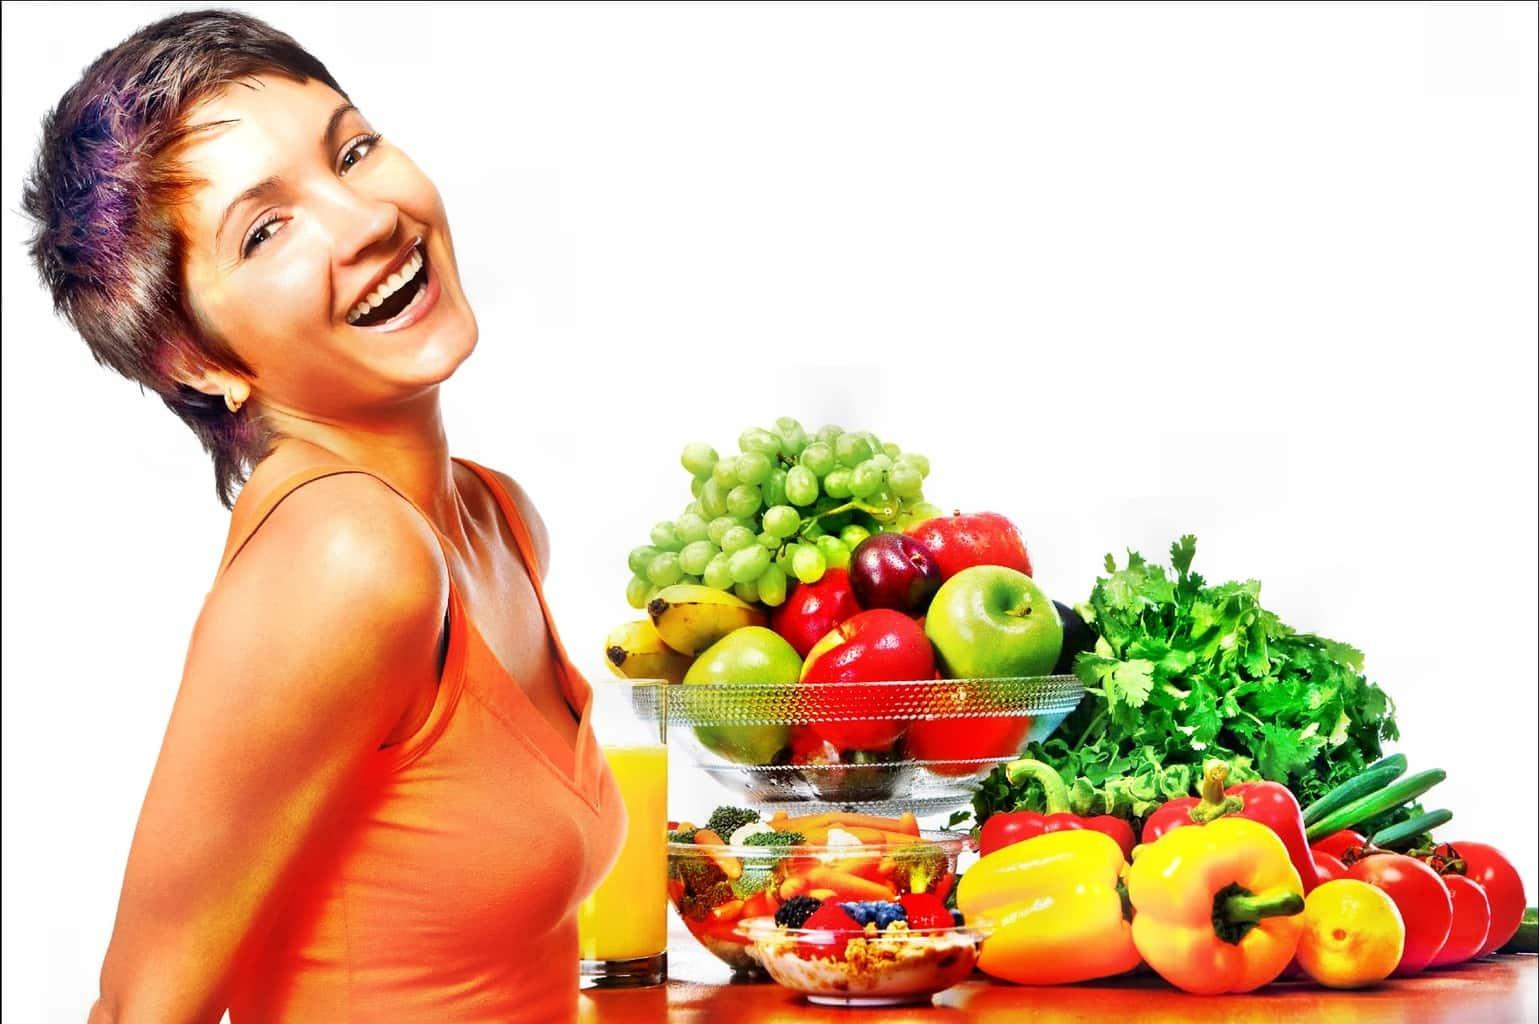 Как правильно соблюдать диету чтобы похудеть?